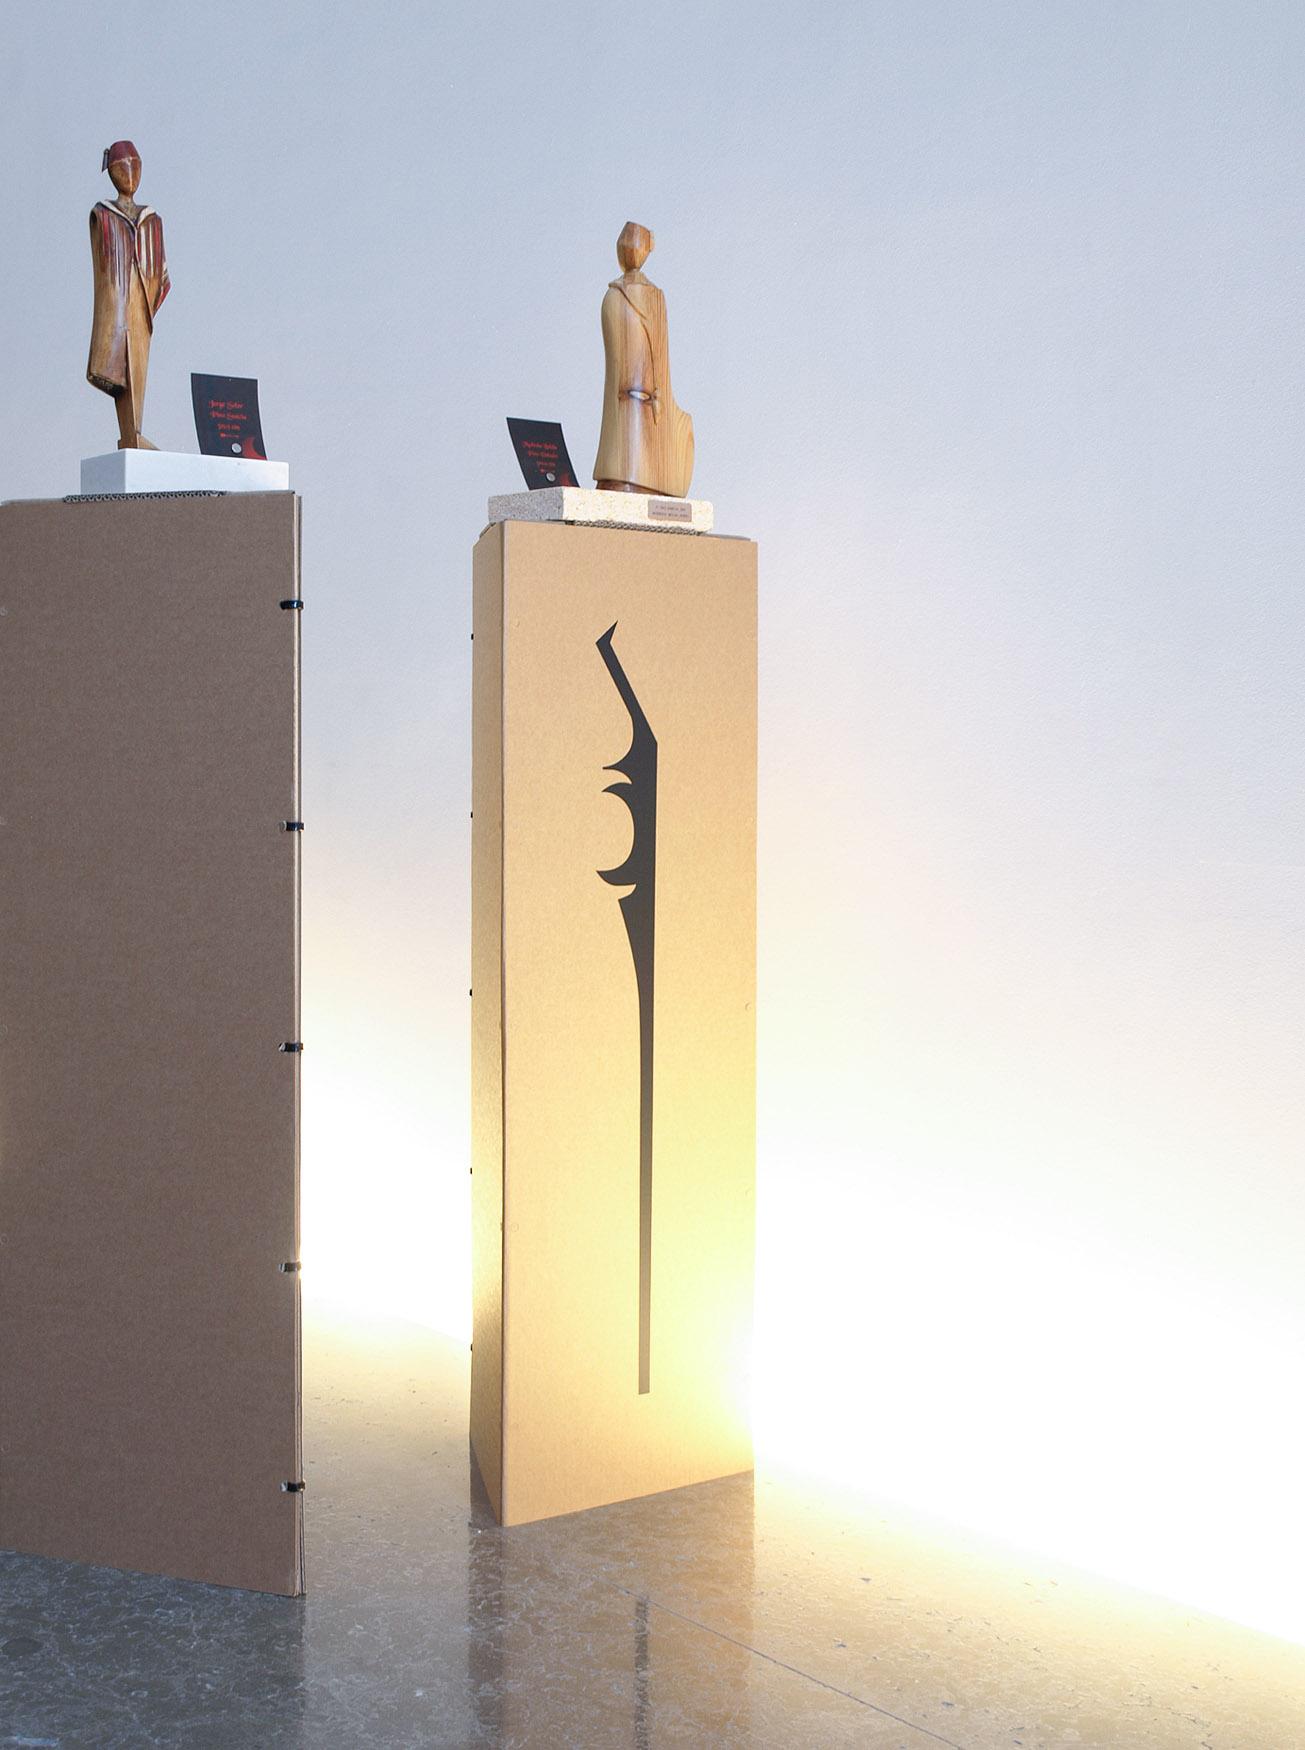 Proyecto de diseño de Rabacub para la exposición de esculturas en Ontinyent de Paco Mullor